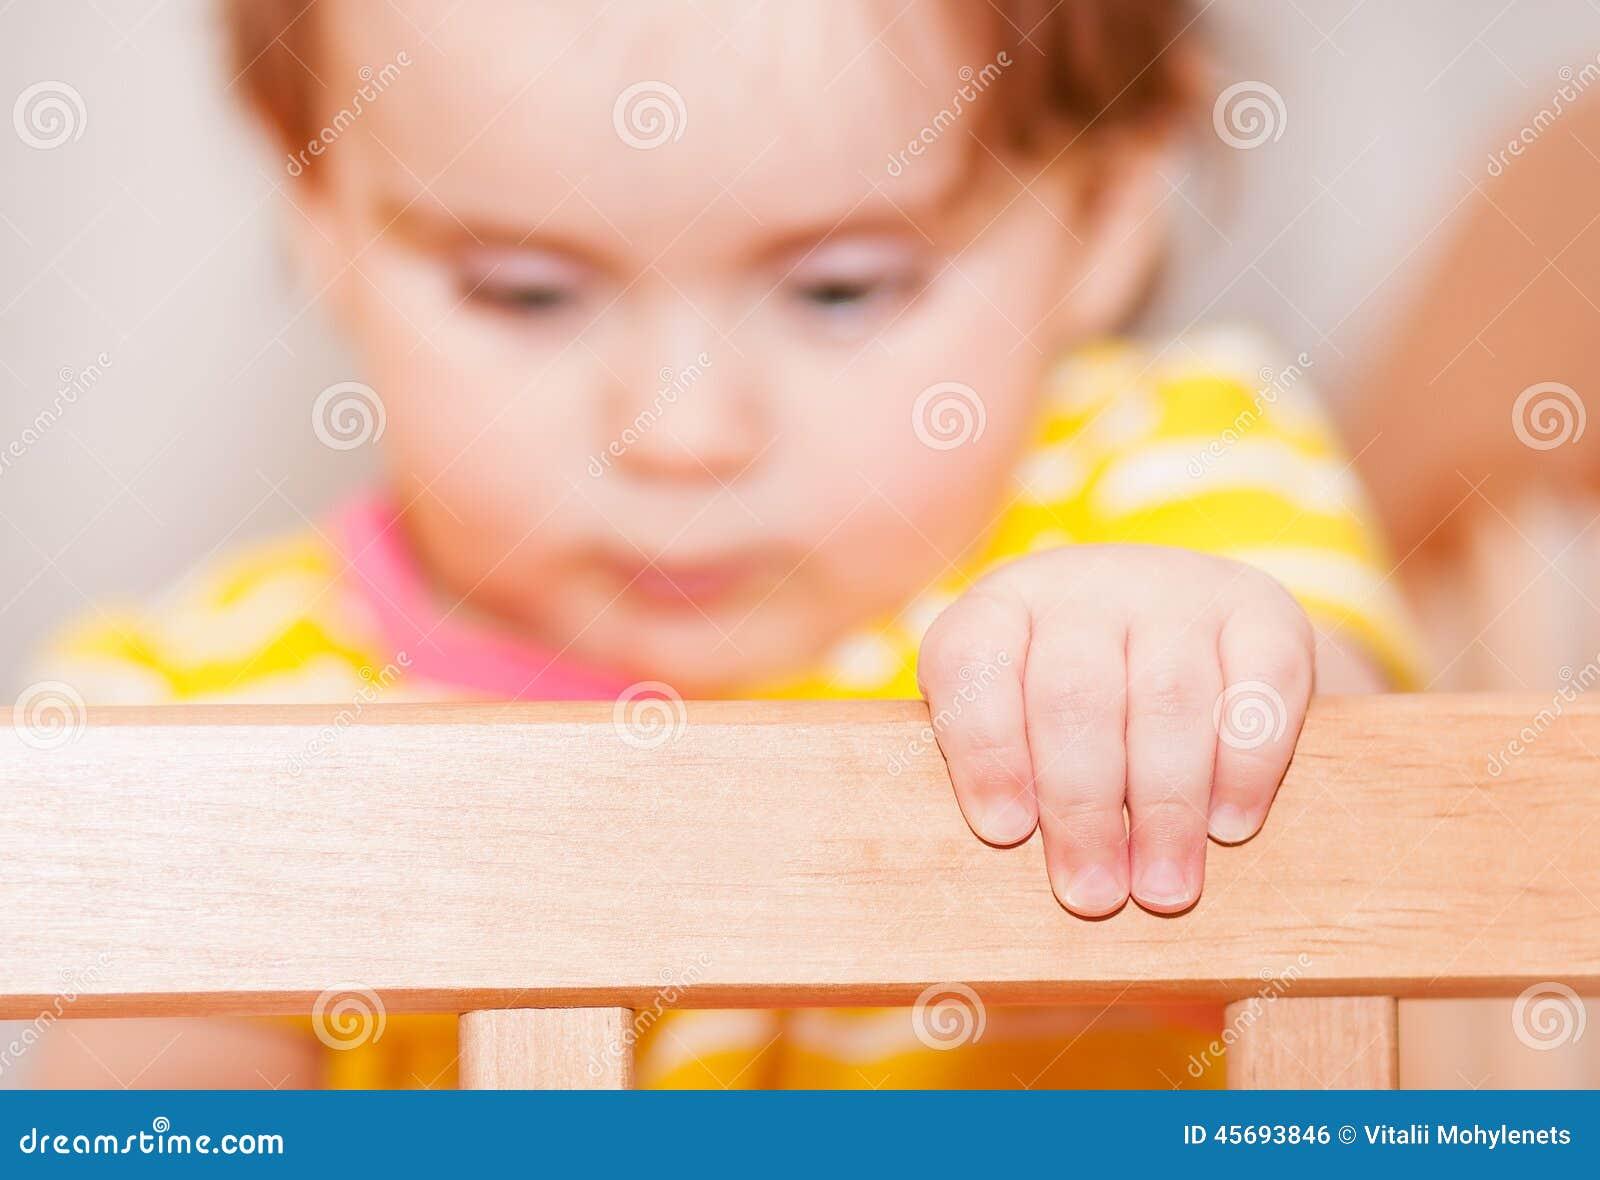 Klein kind met een haarspeld die zich in voederbak bevindt Vage achtergrond